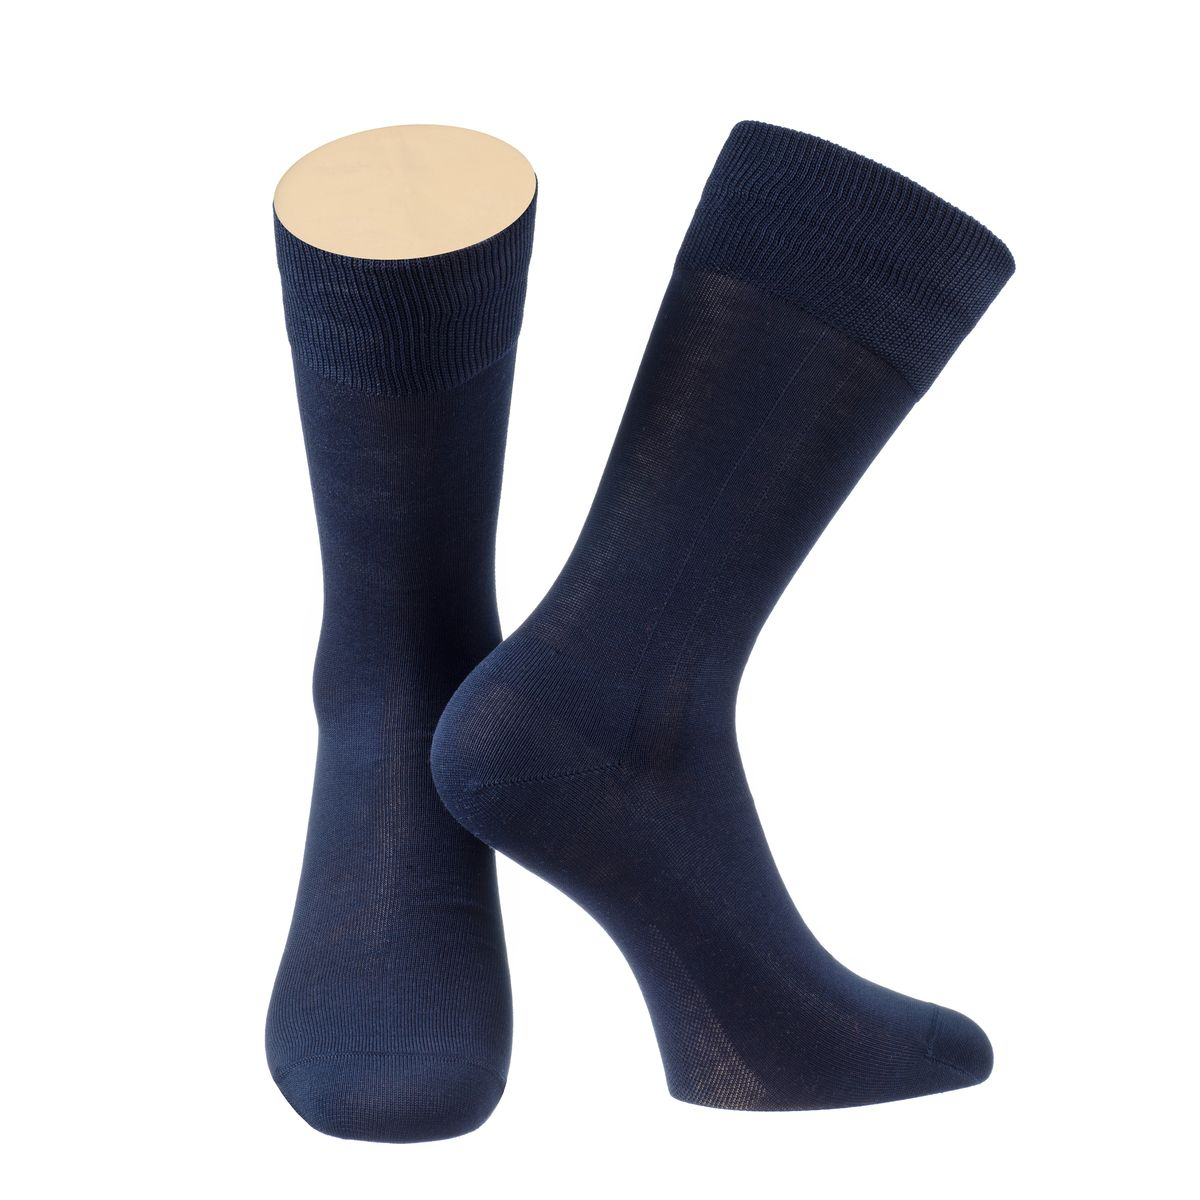 Носки мужские Collonil, цвет: темно-синий. 2-14/18. Размер 44-462-14/18Мужские носки Collonil изготовлены из мерсеризованного хлопка.Носки с удлиненным паголенком. Широкая резинка не сдавливает и комфортно облегает ногу.